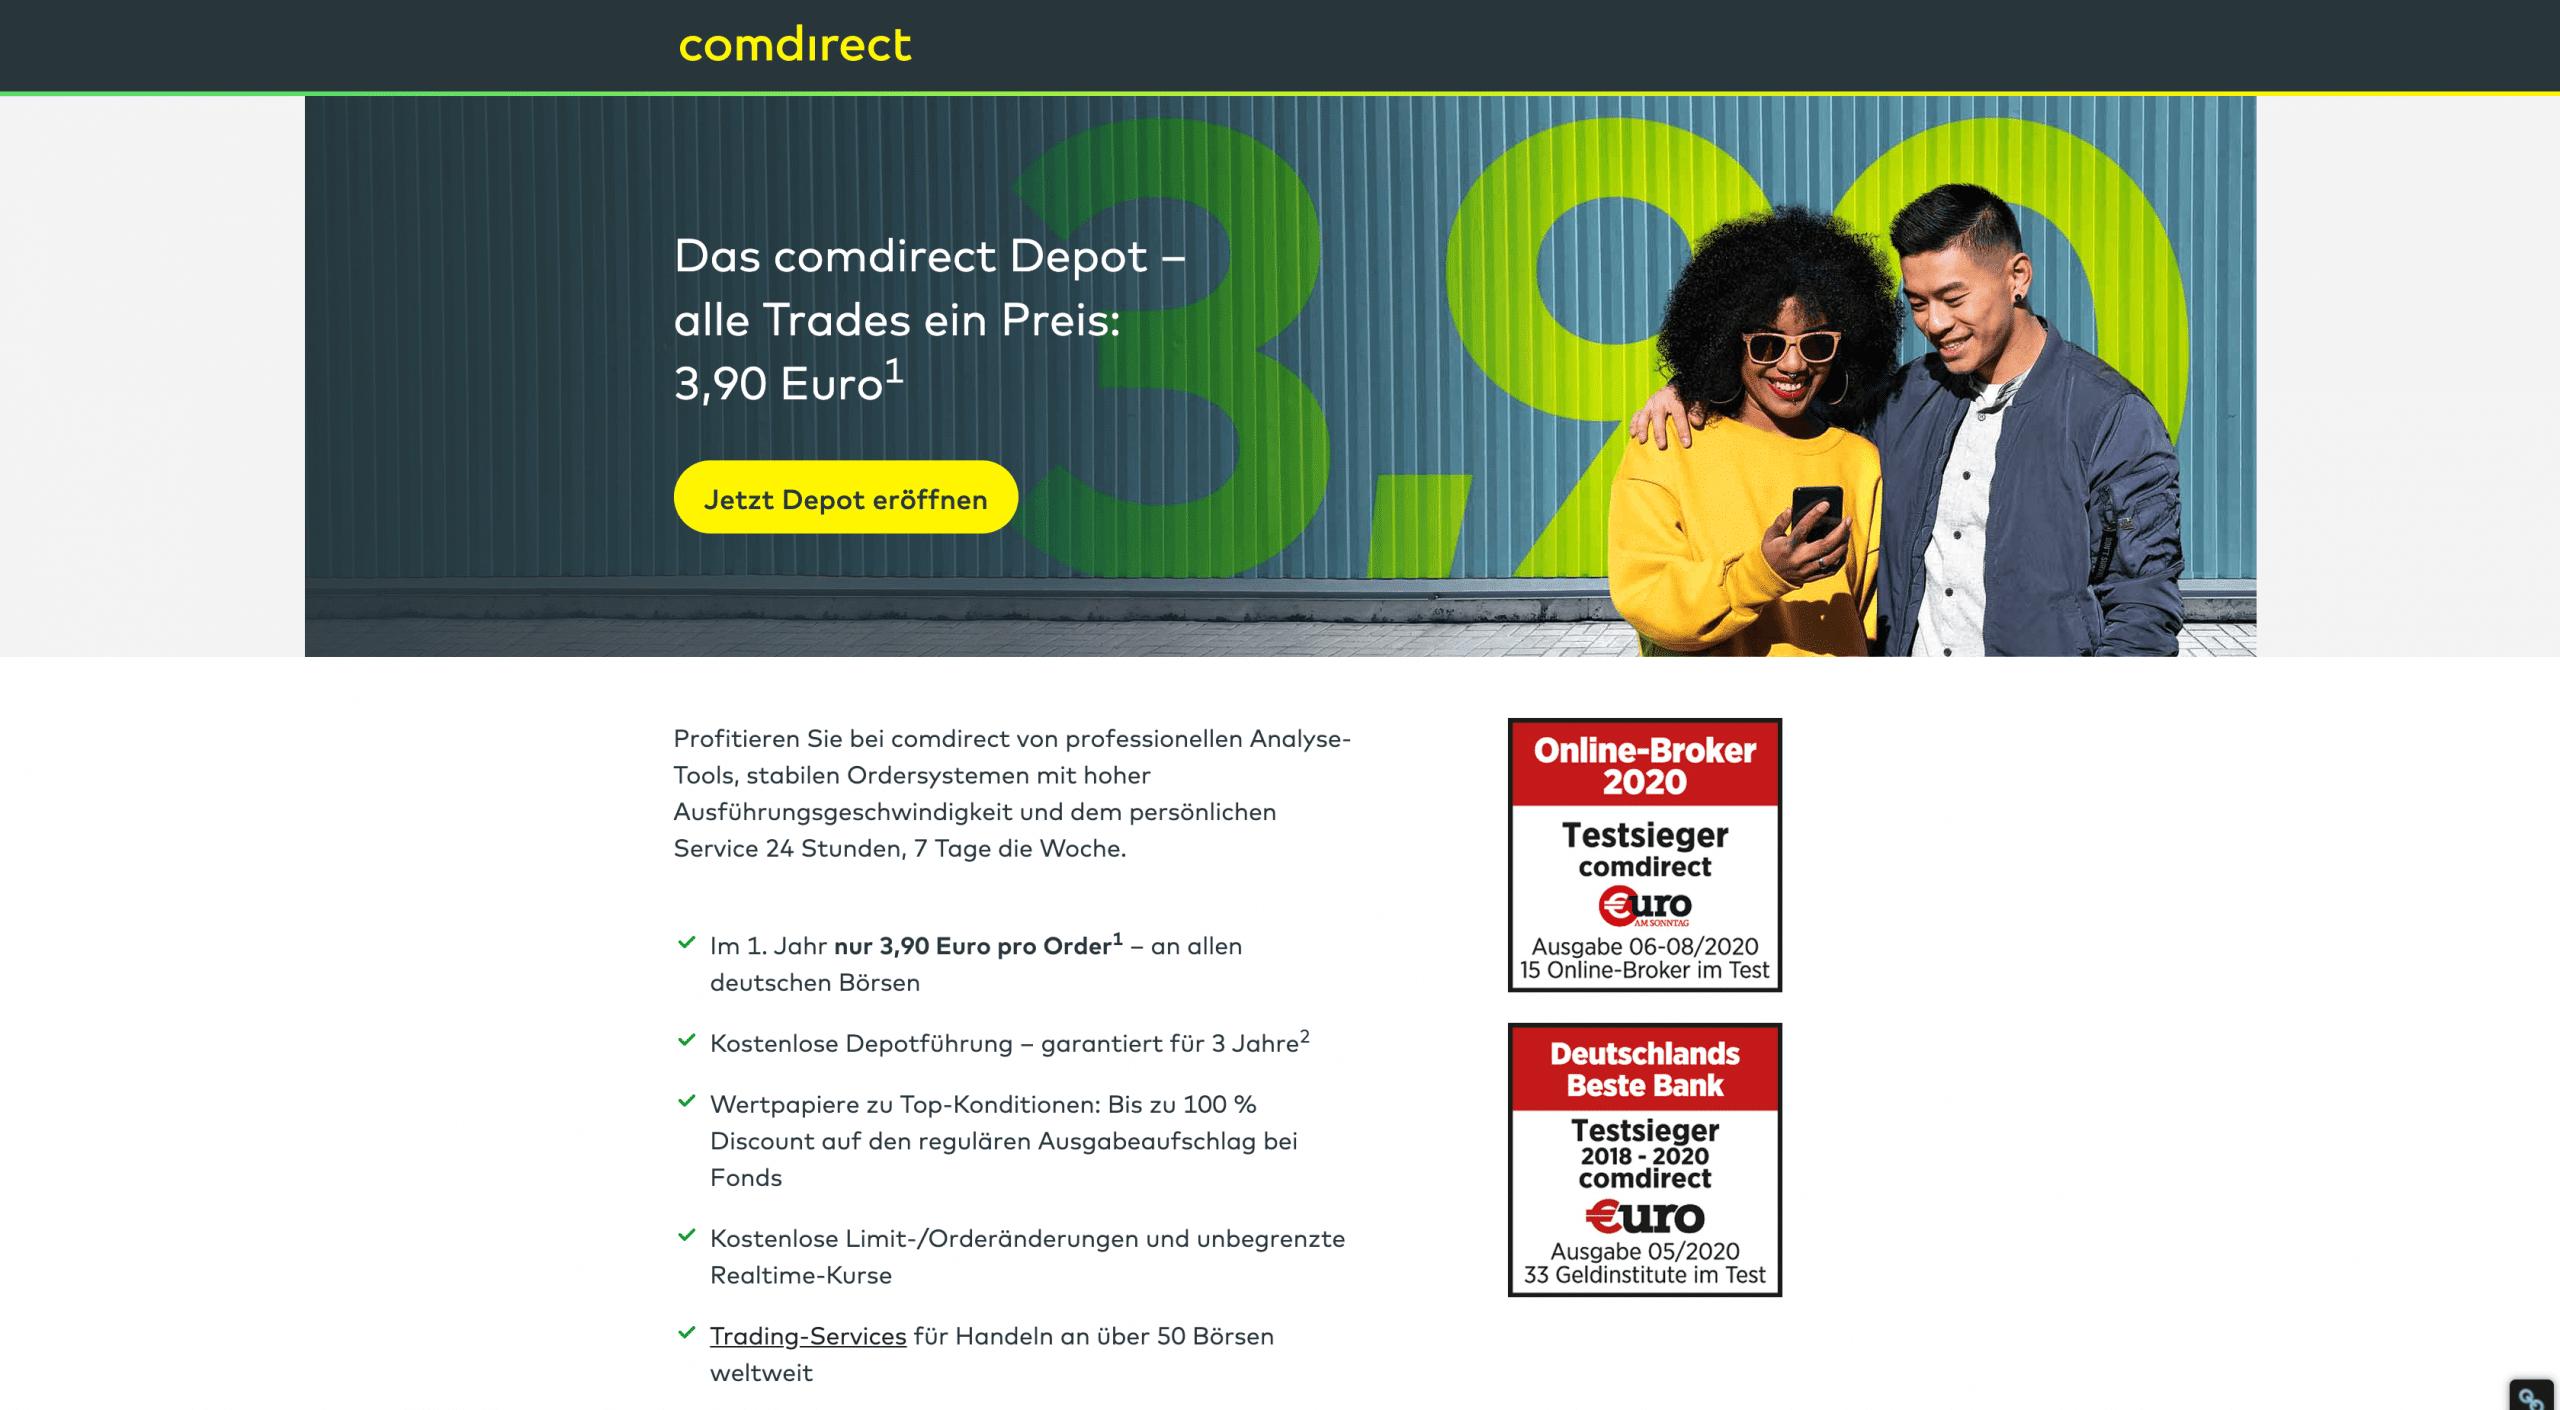 Comdirect Depot eröffnen